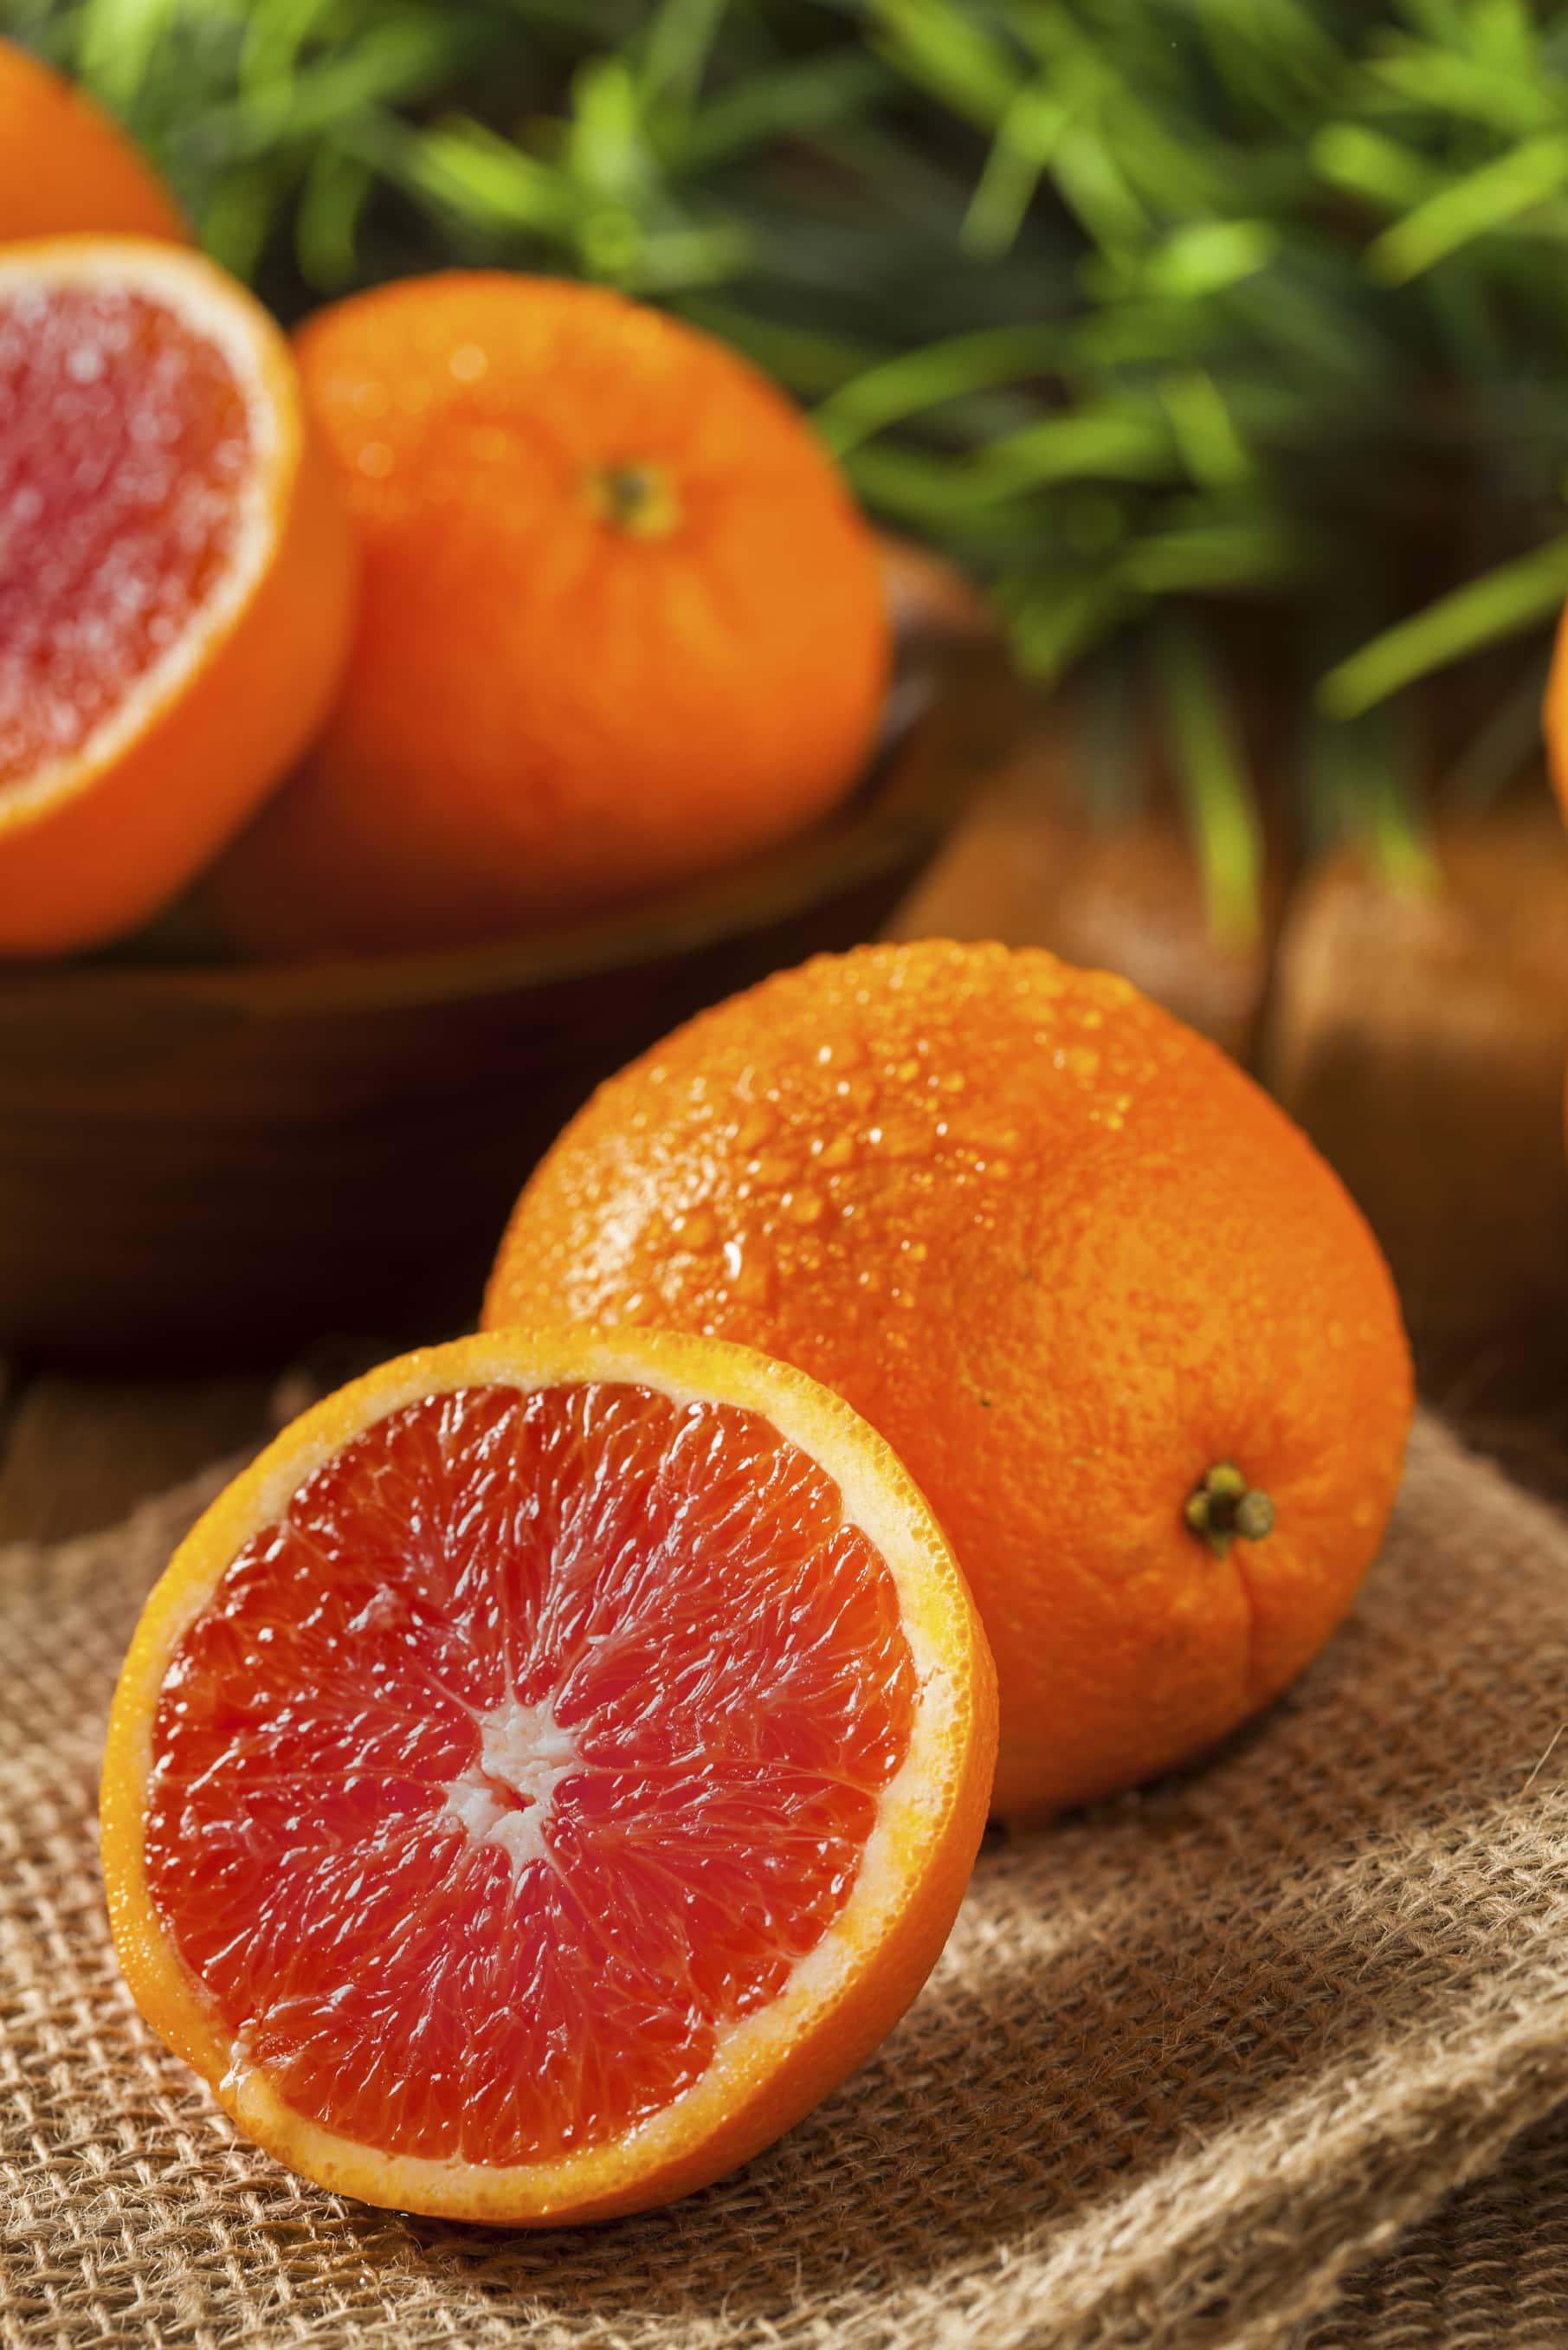 Cam-do-Cara-My-nhap-khau-Vinfruits.com